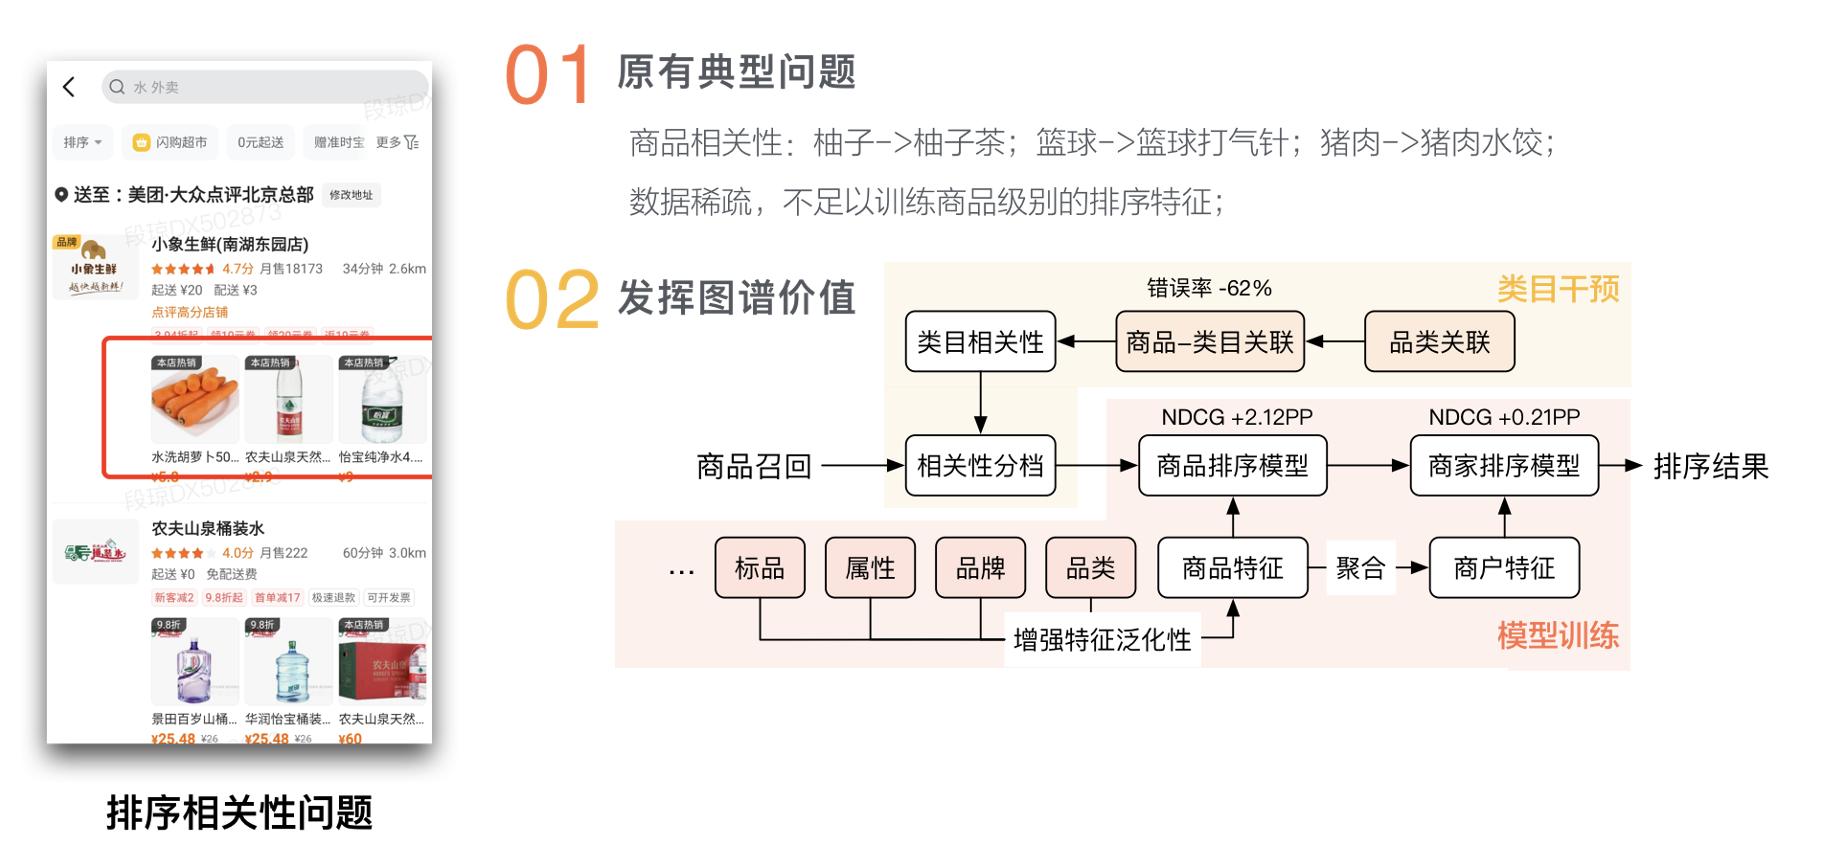 图16 基于图谱的排序优化